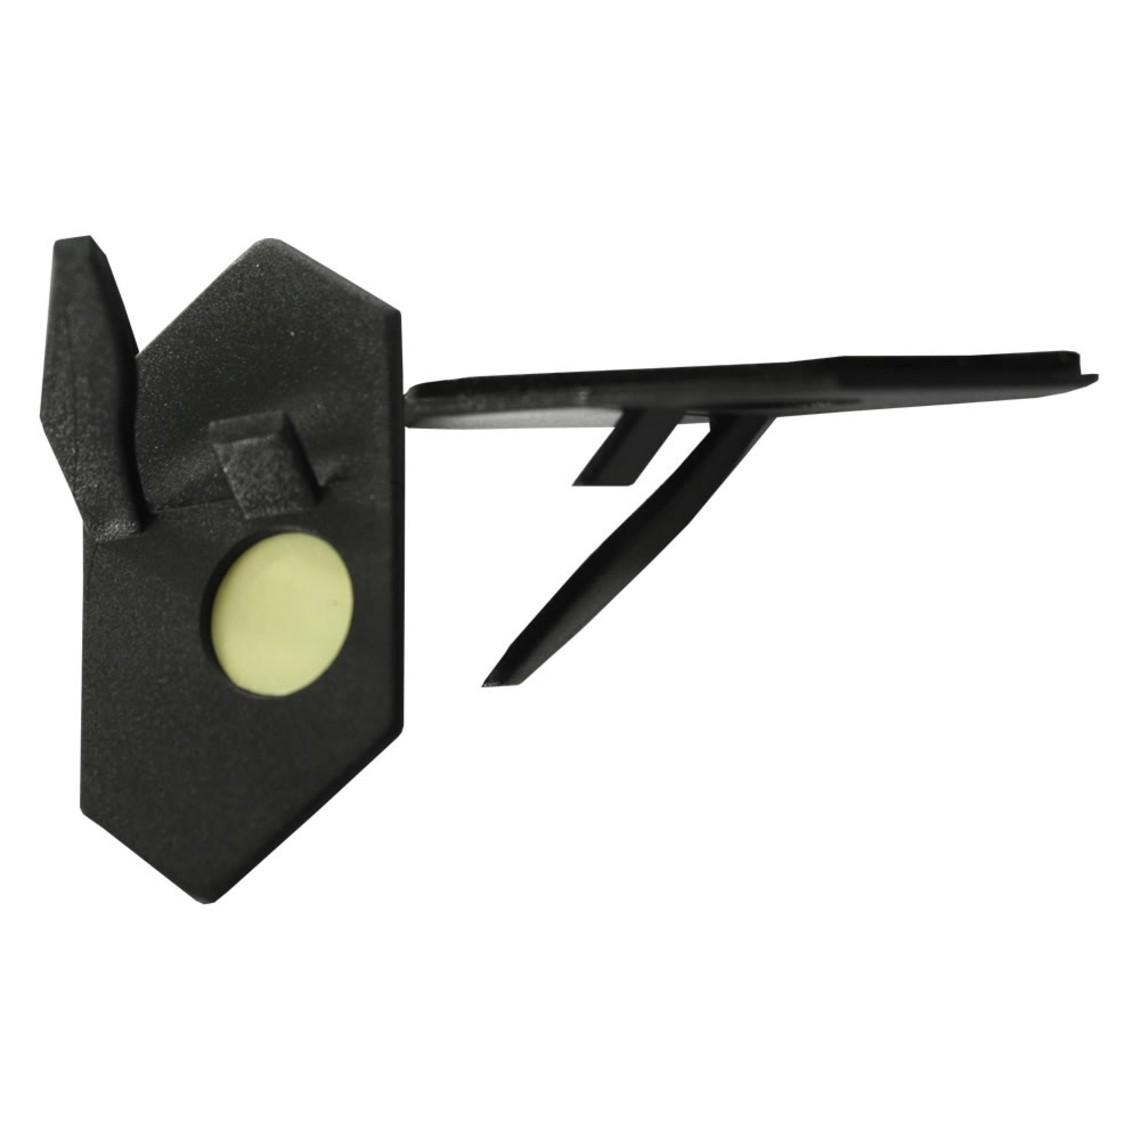 Flecha de descanso para tiro con arco